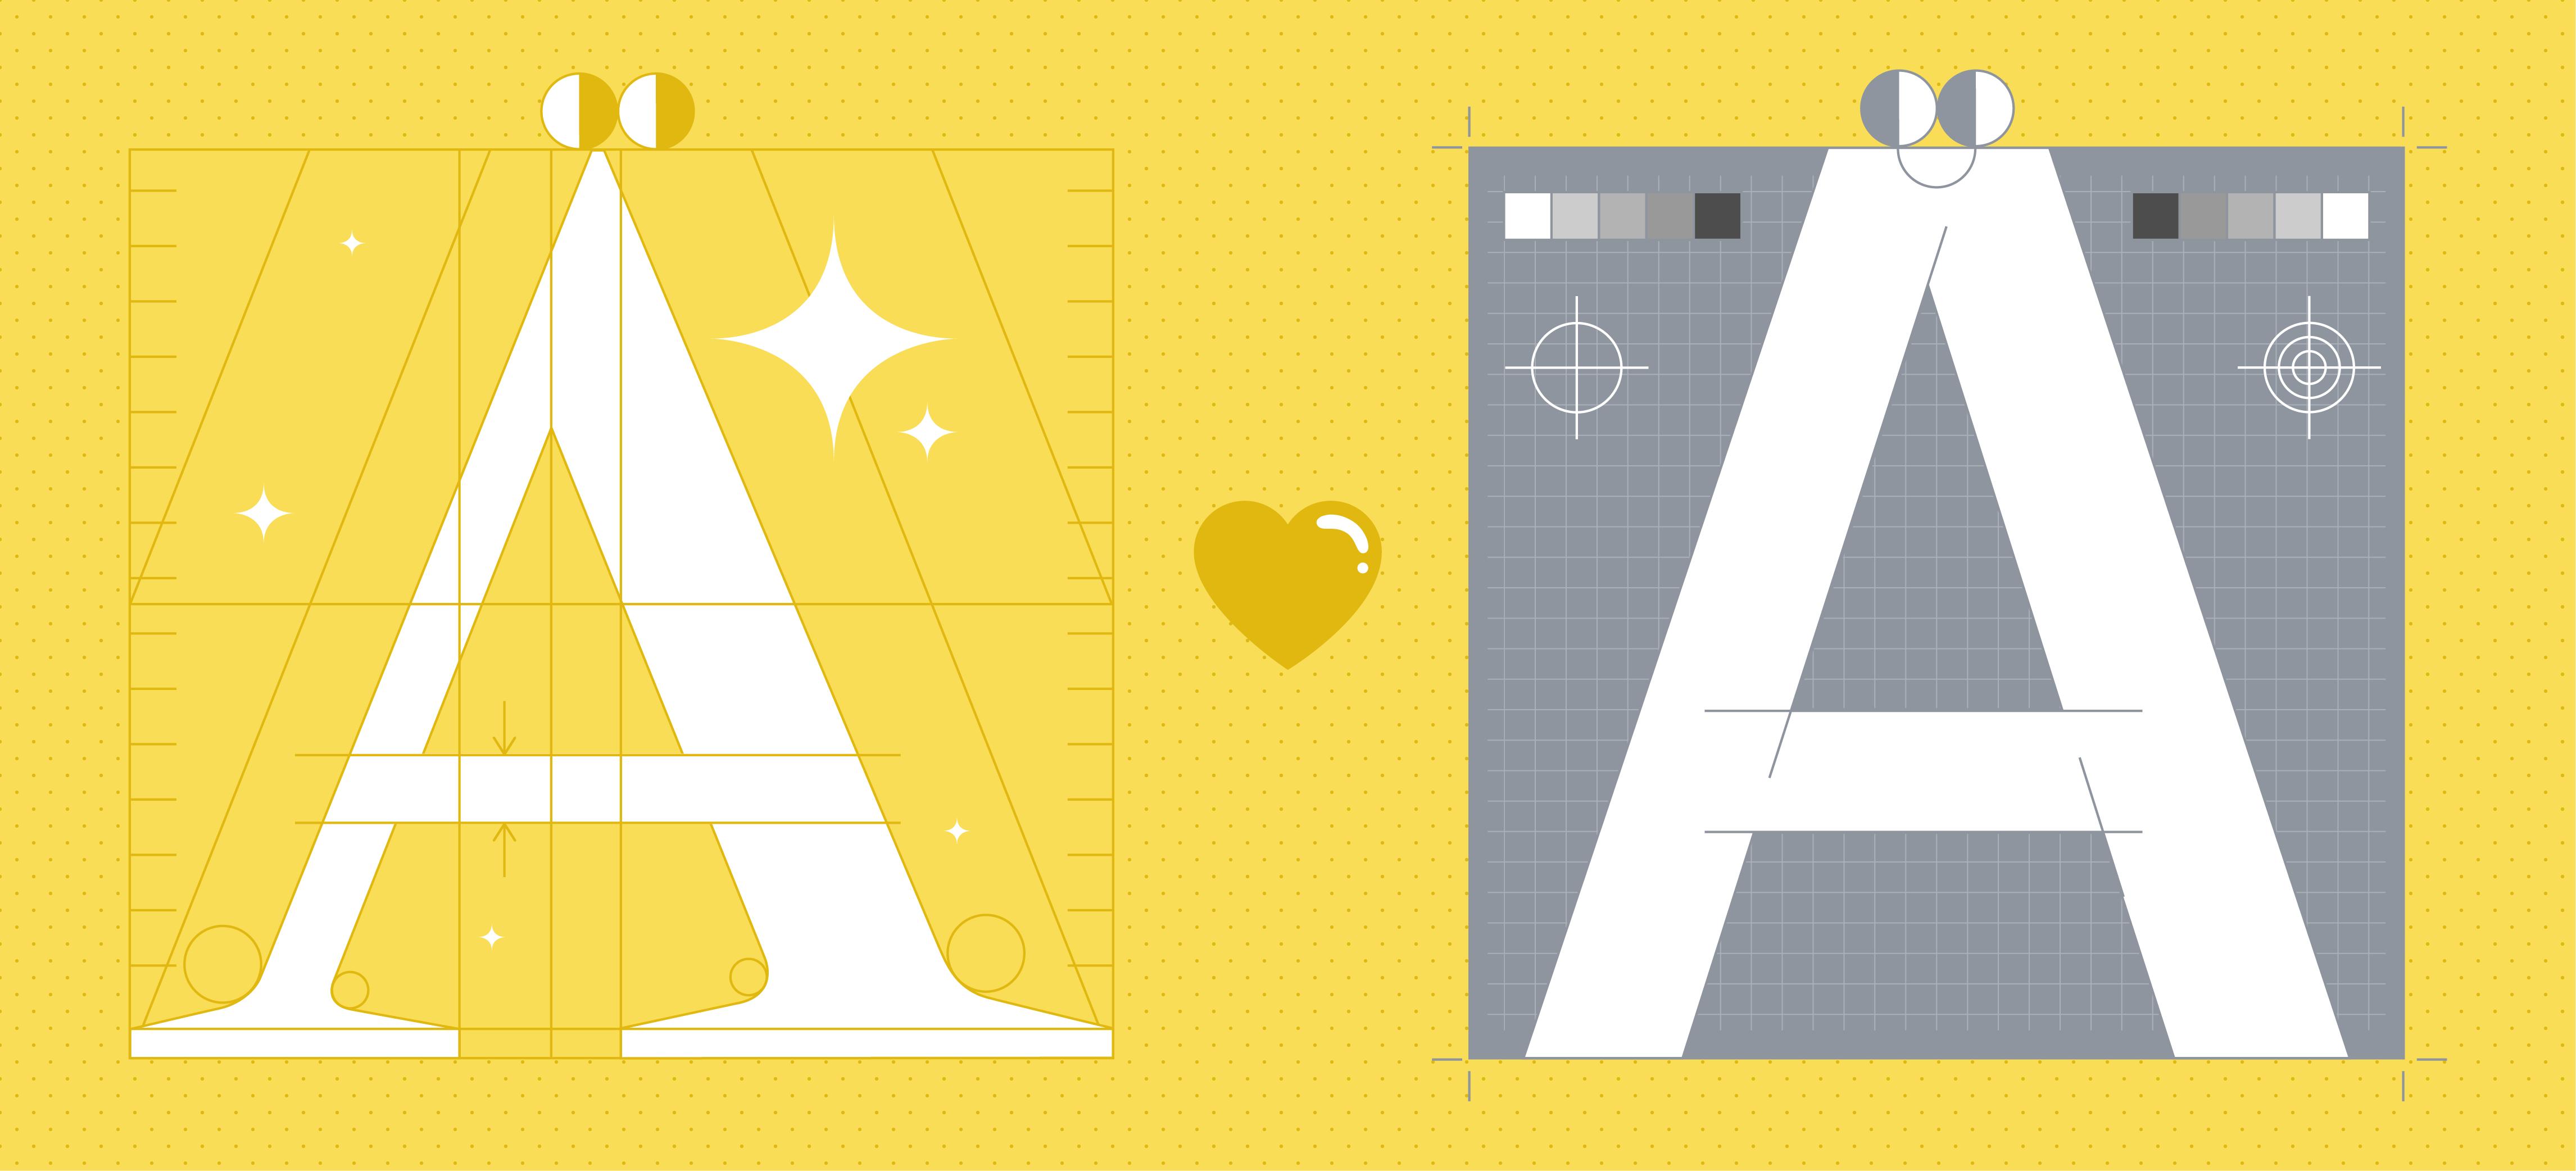 Знаменитые дизайнеры vs научные исследования про читаемость шрифтов - 1